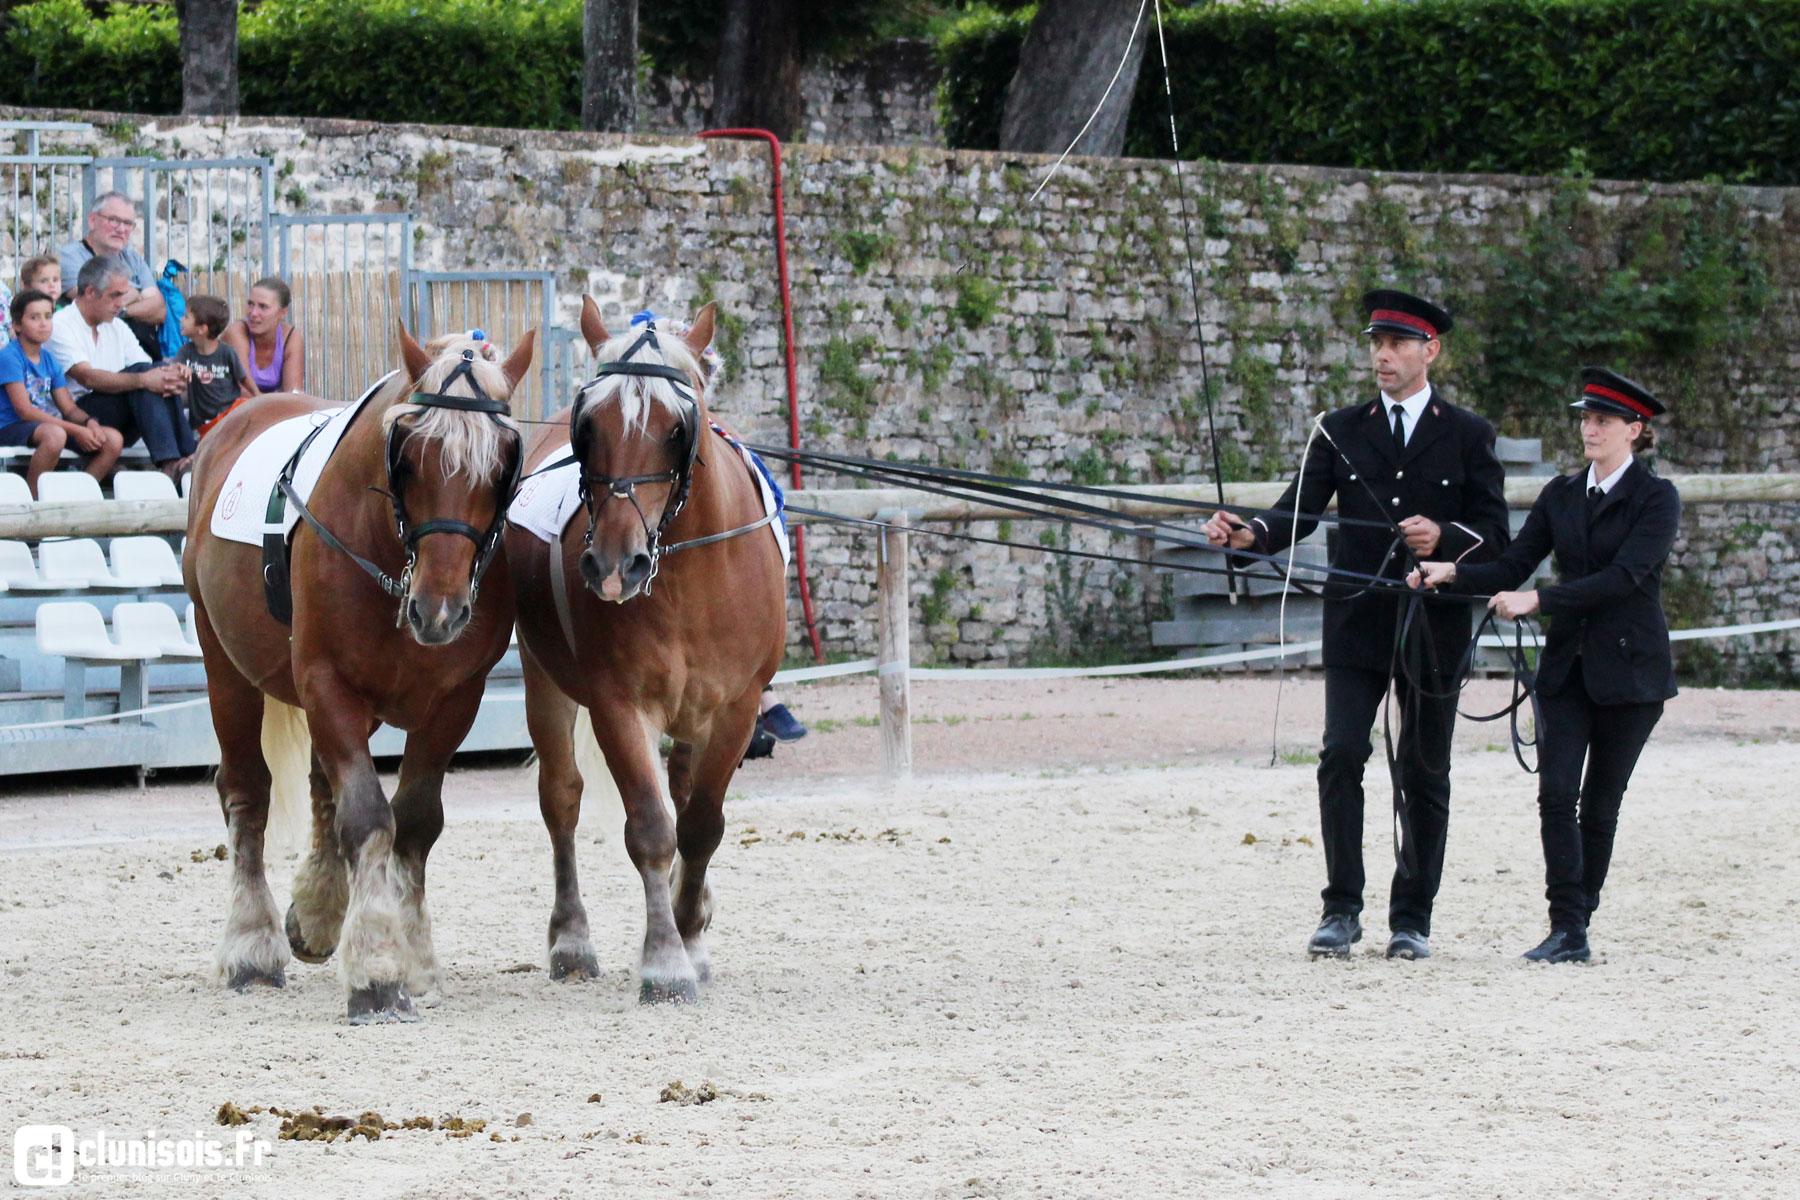 cabaret-equestre-haras-cluny-ete-2016-07